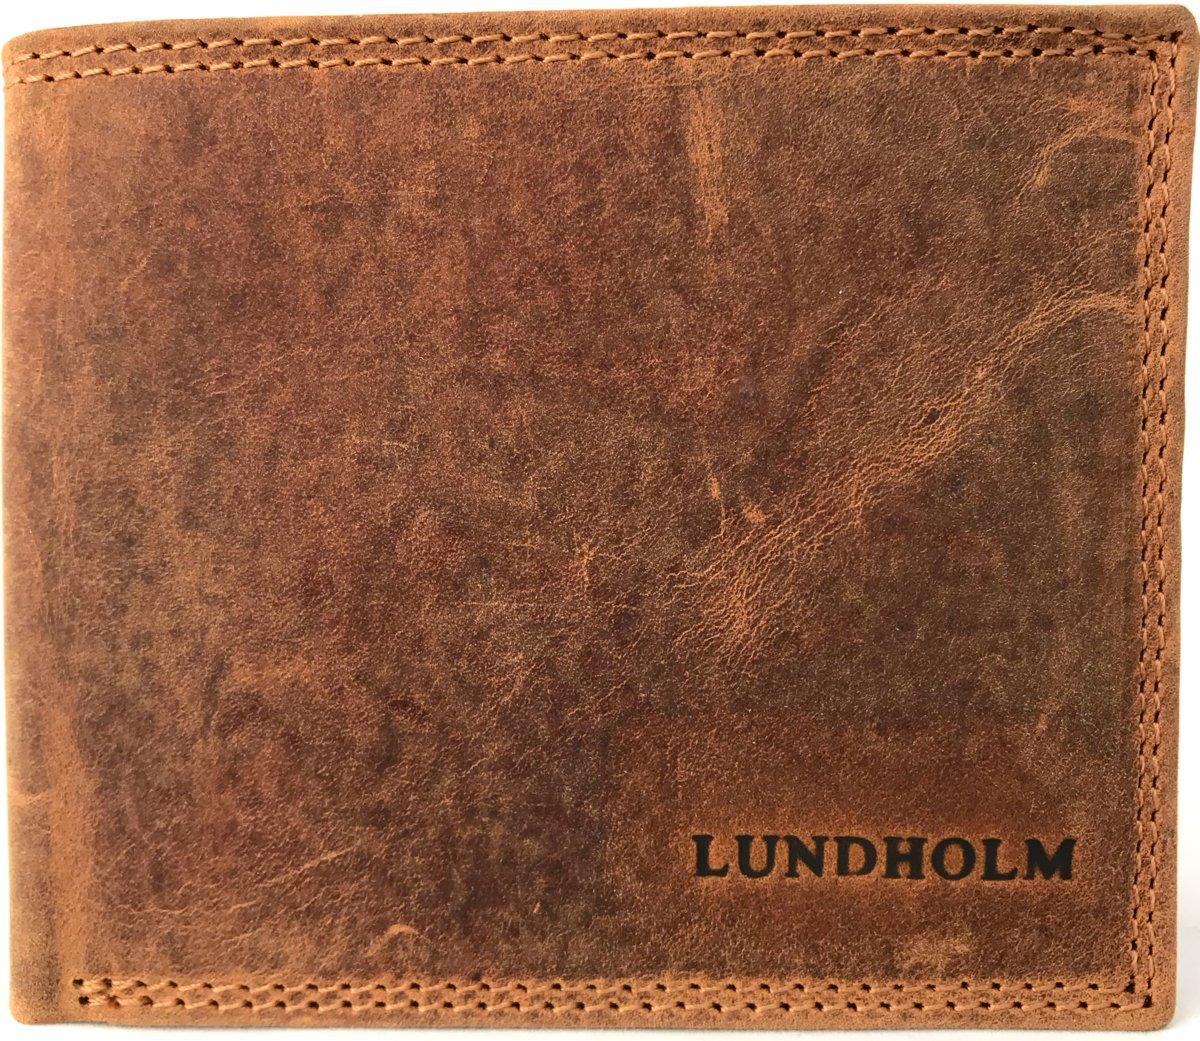 Heren Leren Portemonnee.Lundholm Leren Portemonnee Heren Leer Vintage Bruin Compact Model